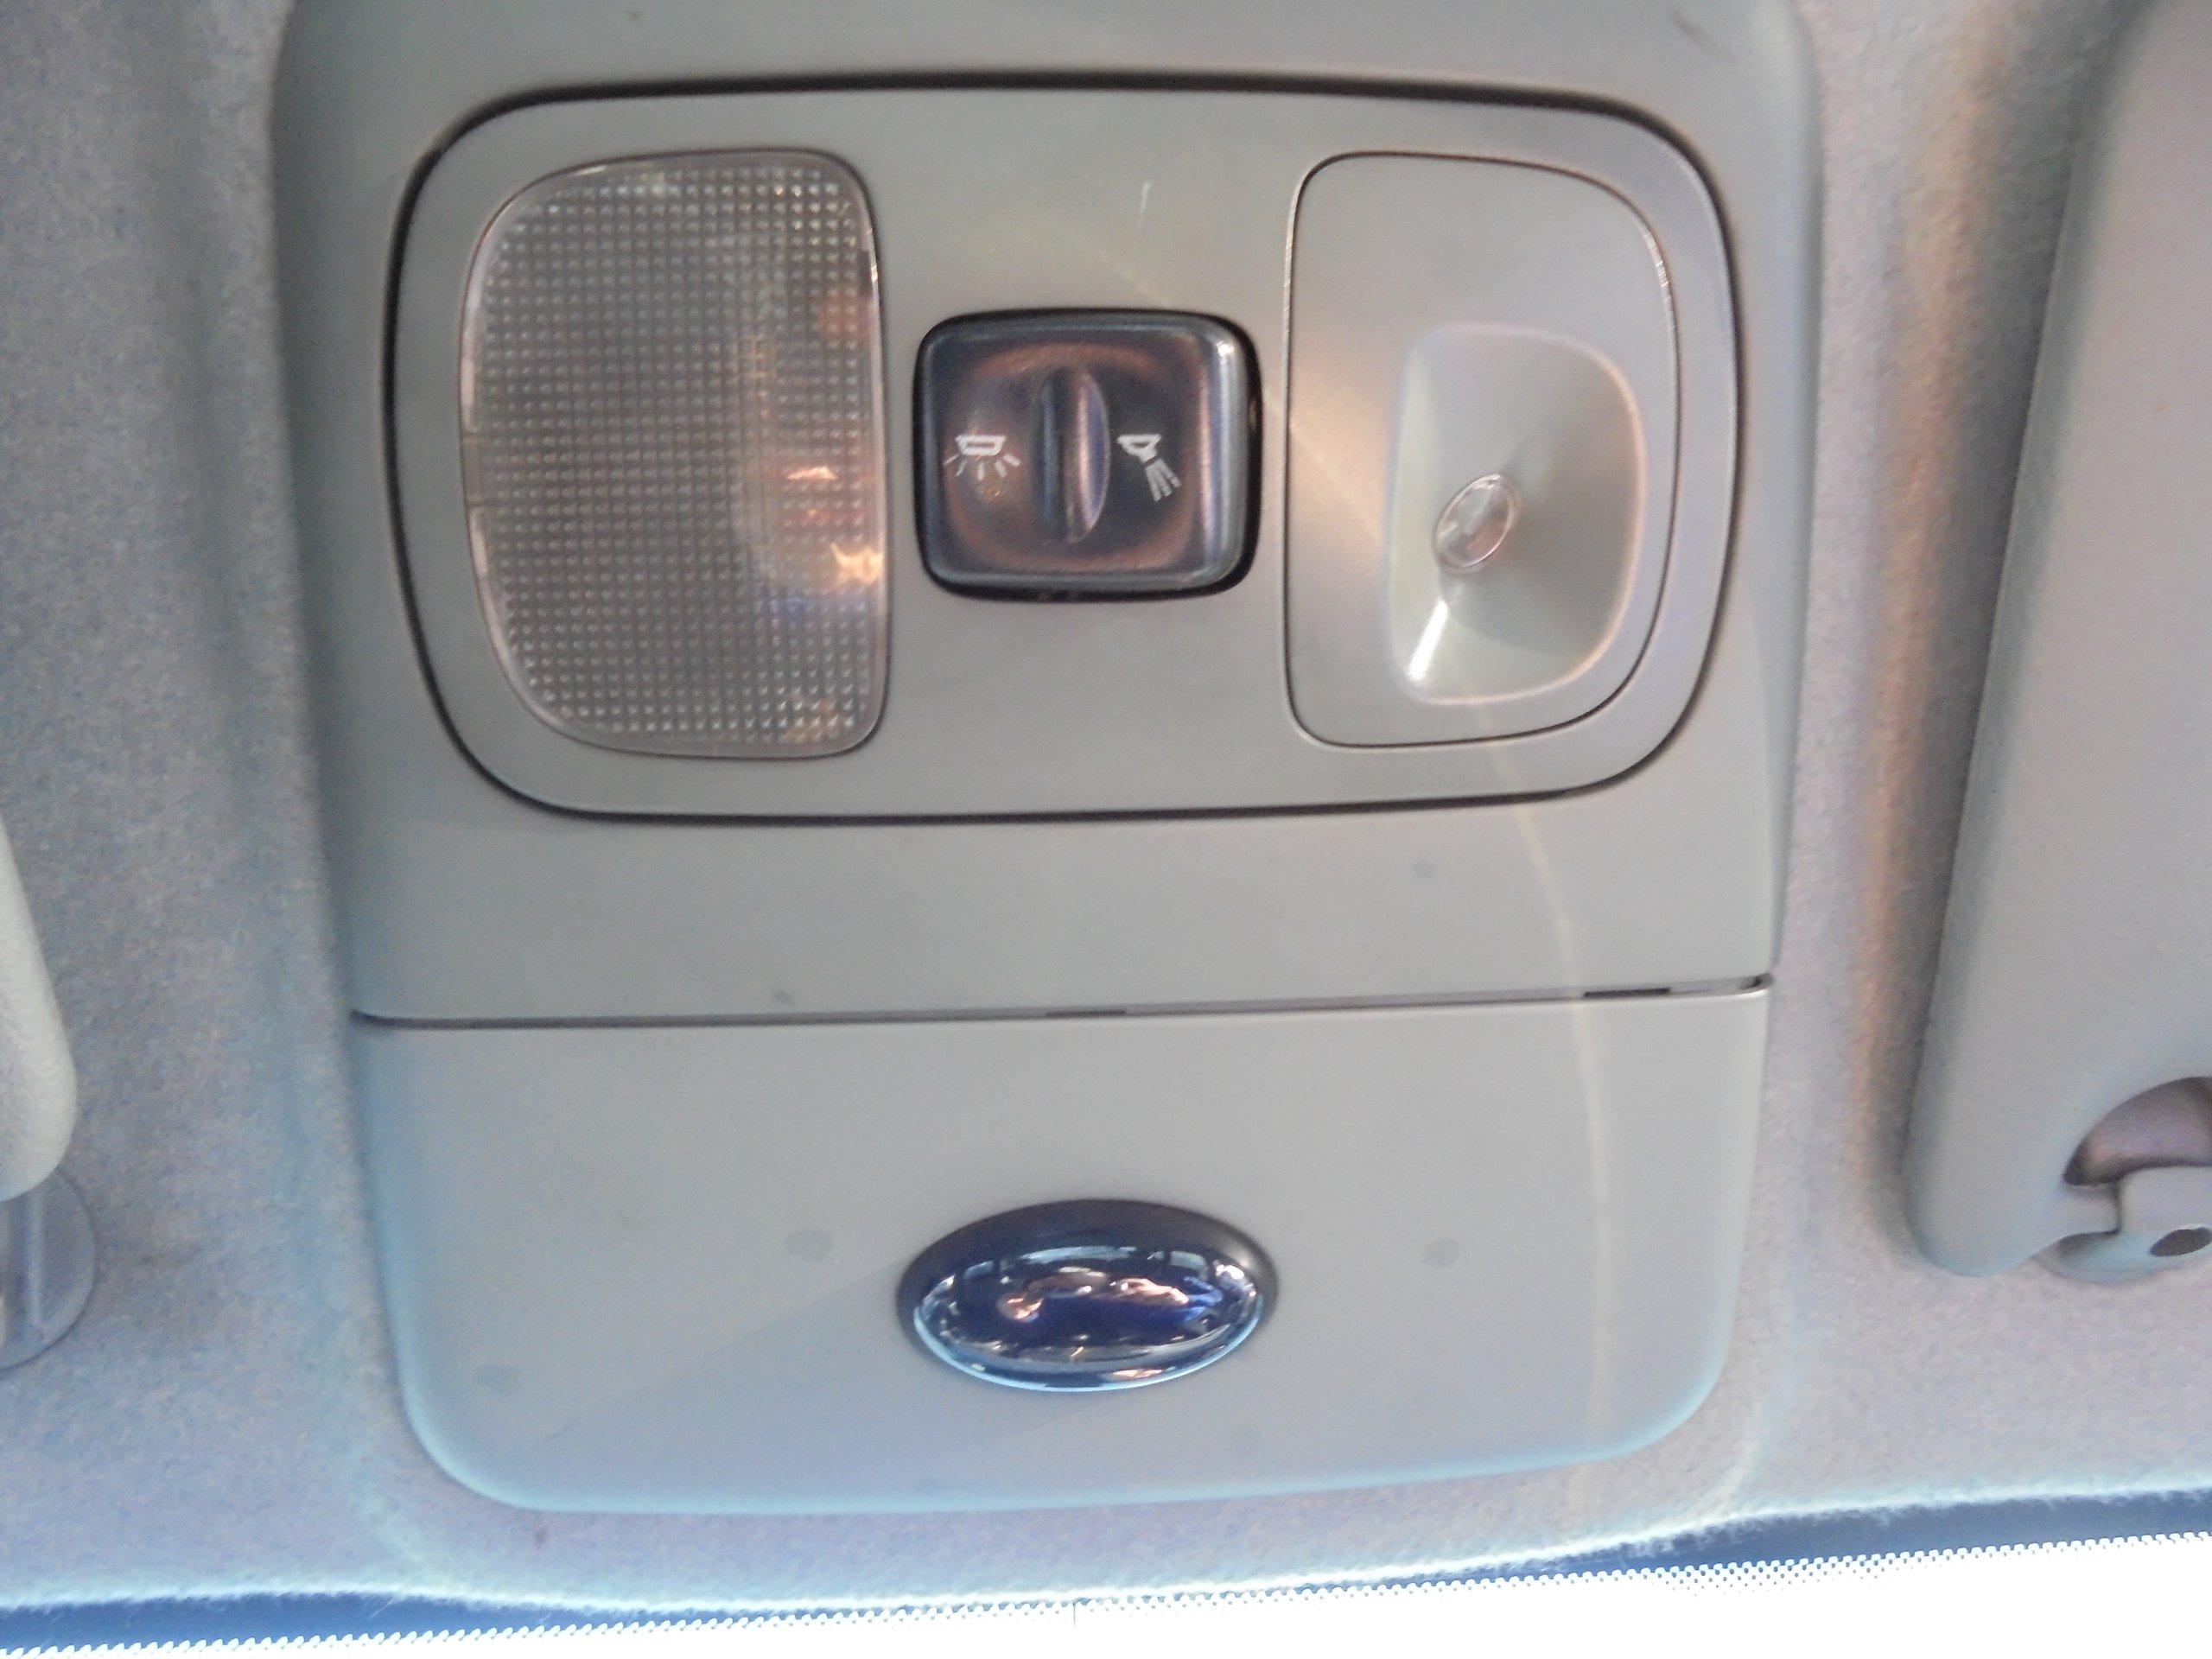 Oświetlenie Kabiny Renault Scenic I 19 Td 98 7263926603